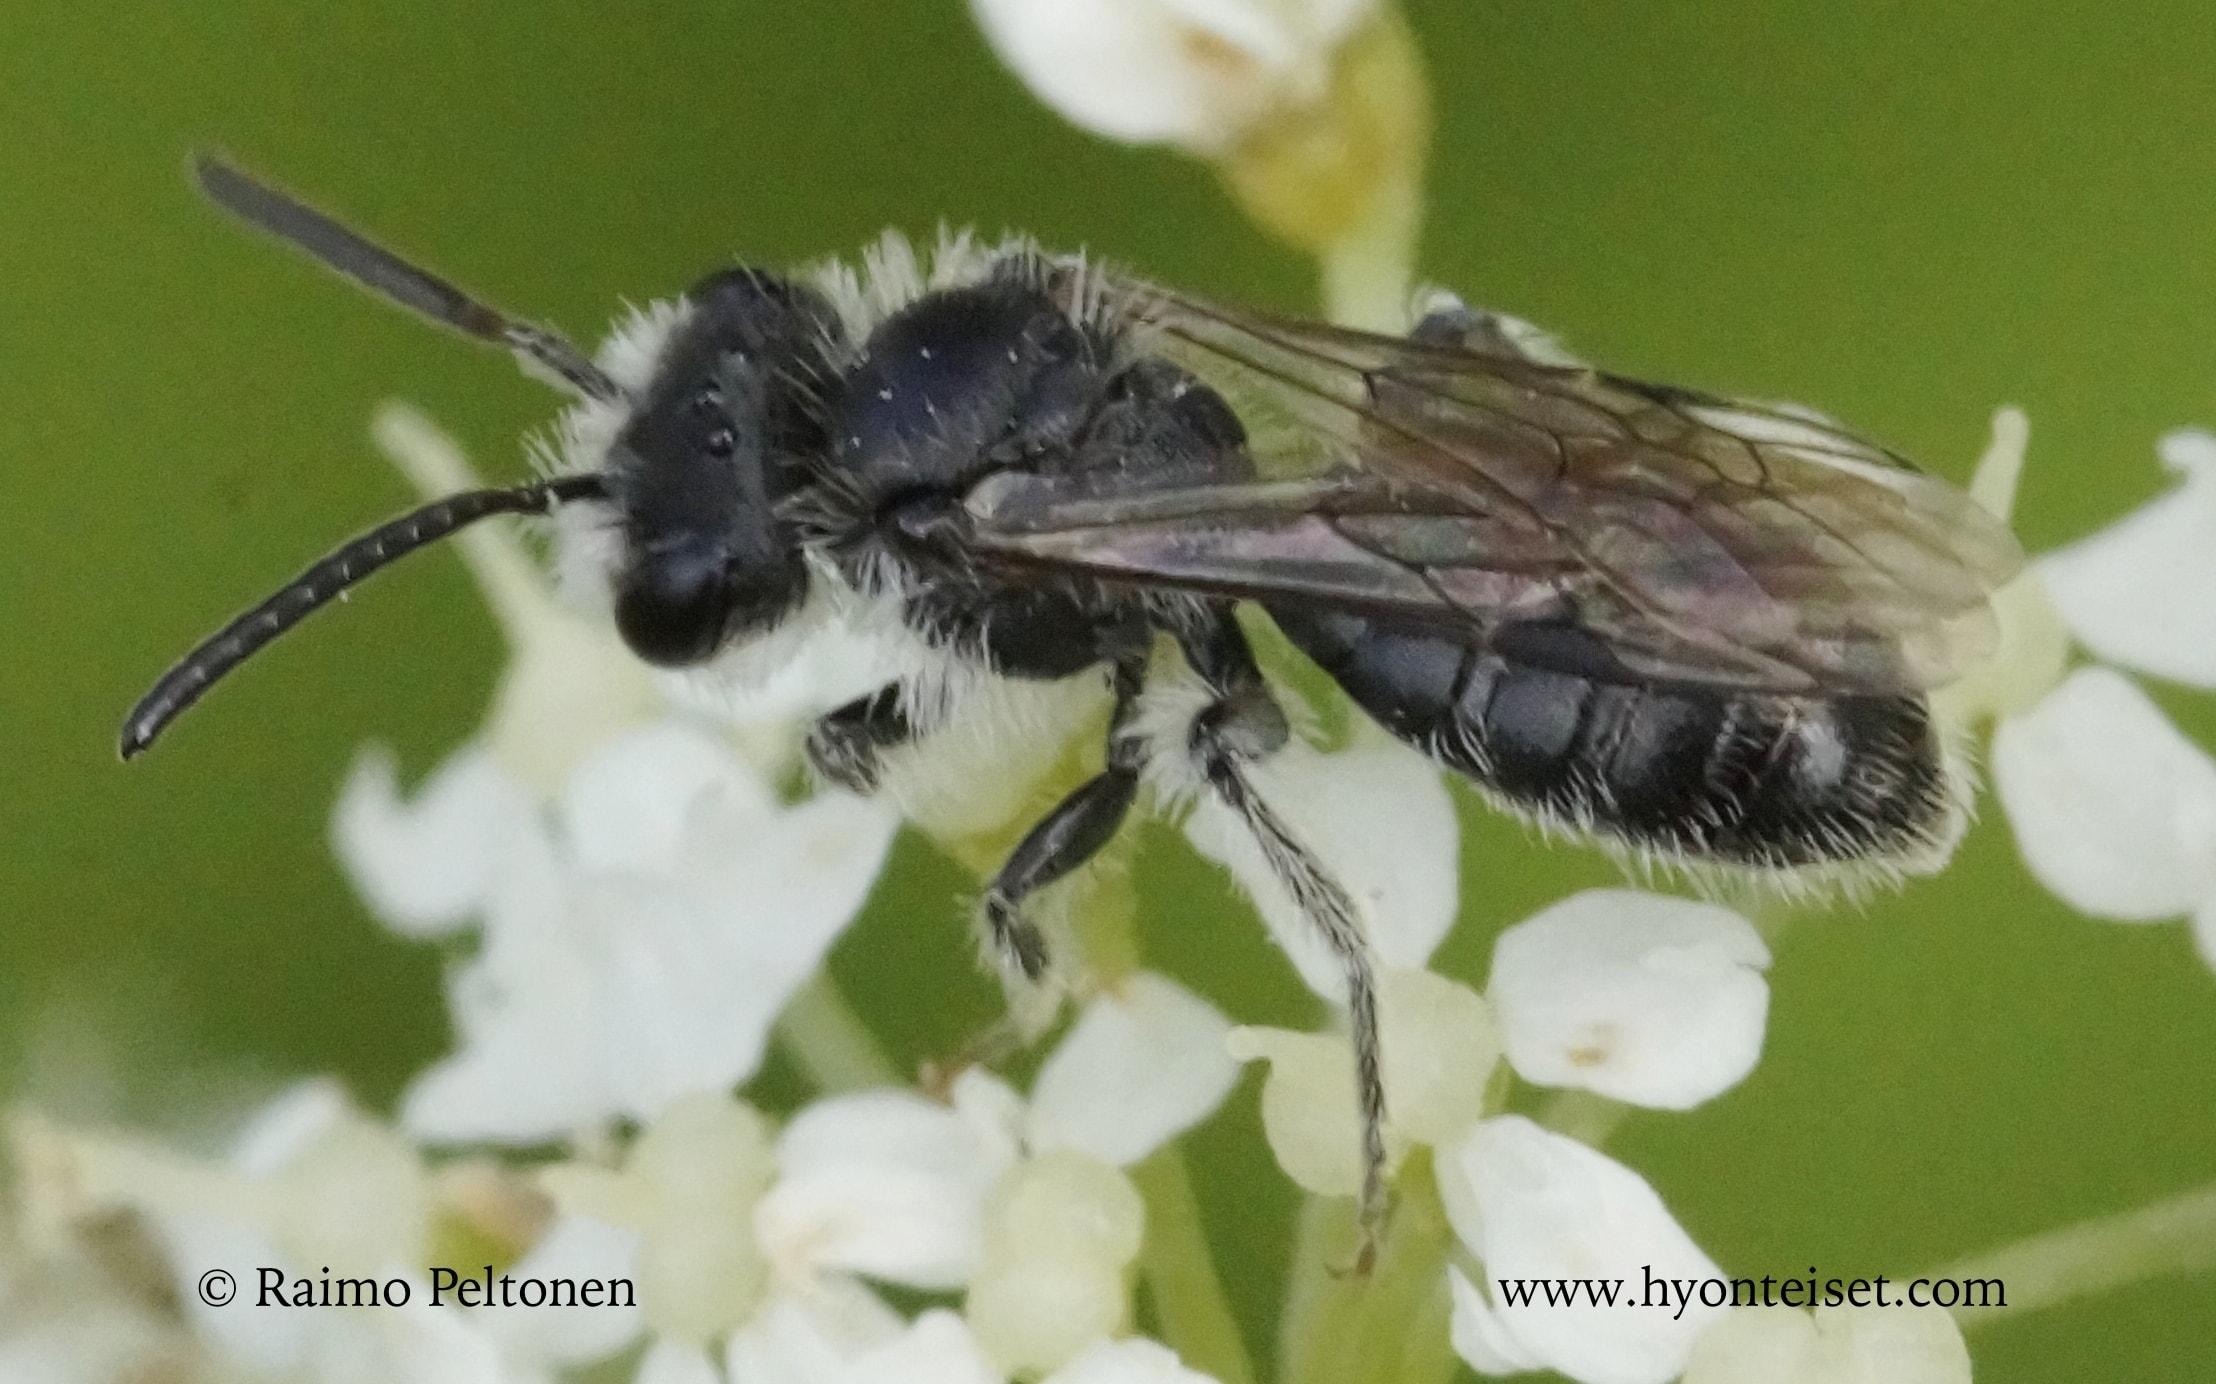 Andrena semilaevis-metsämaamehiläinen (det. Juho Paukkunen)